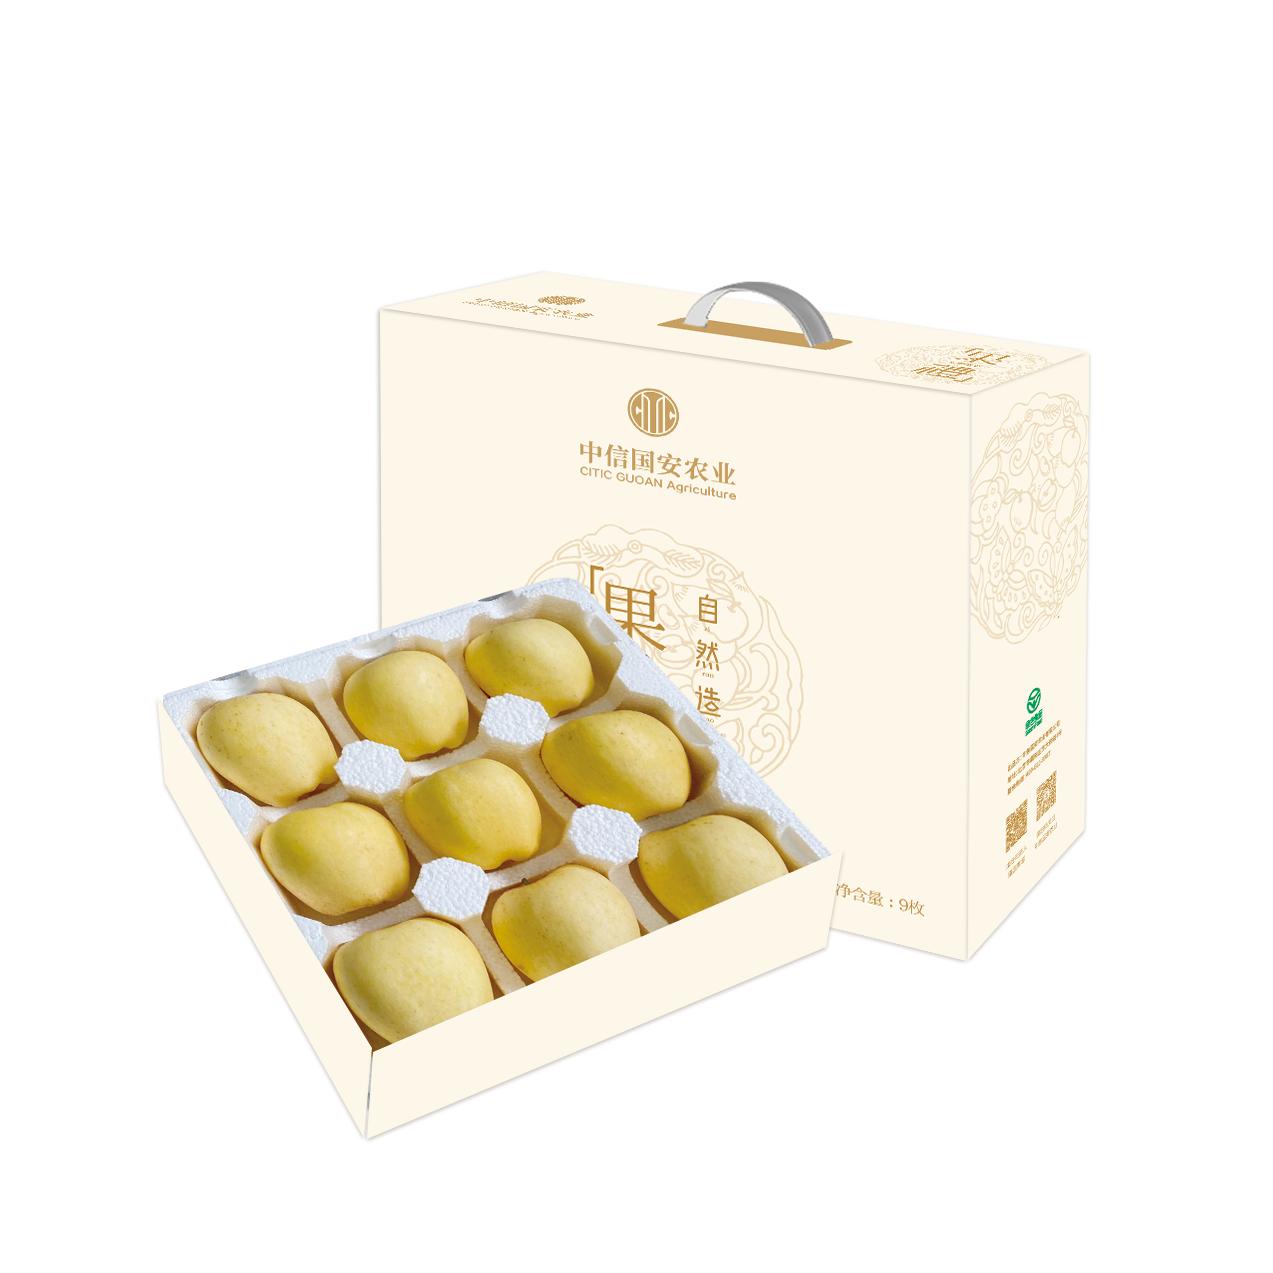 信农宜食 维纳斯黄金苹果盒装 9粒/箱(单果径80-85mm)